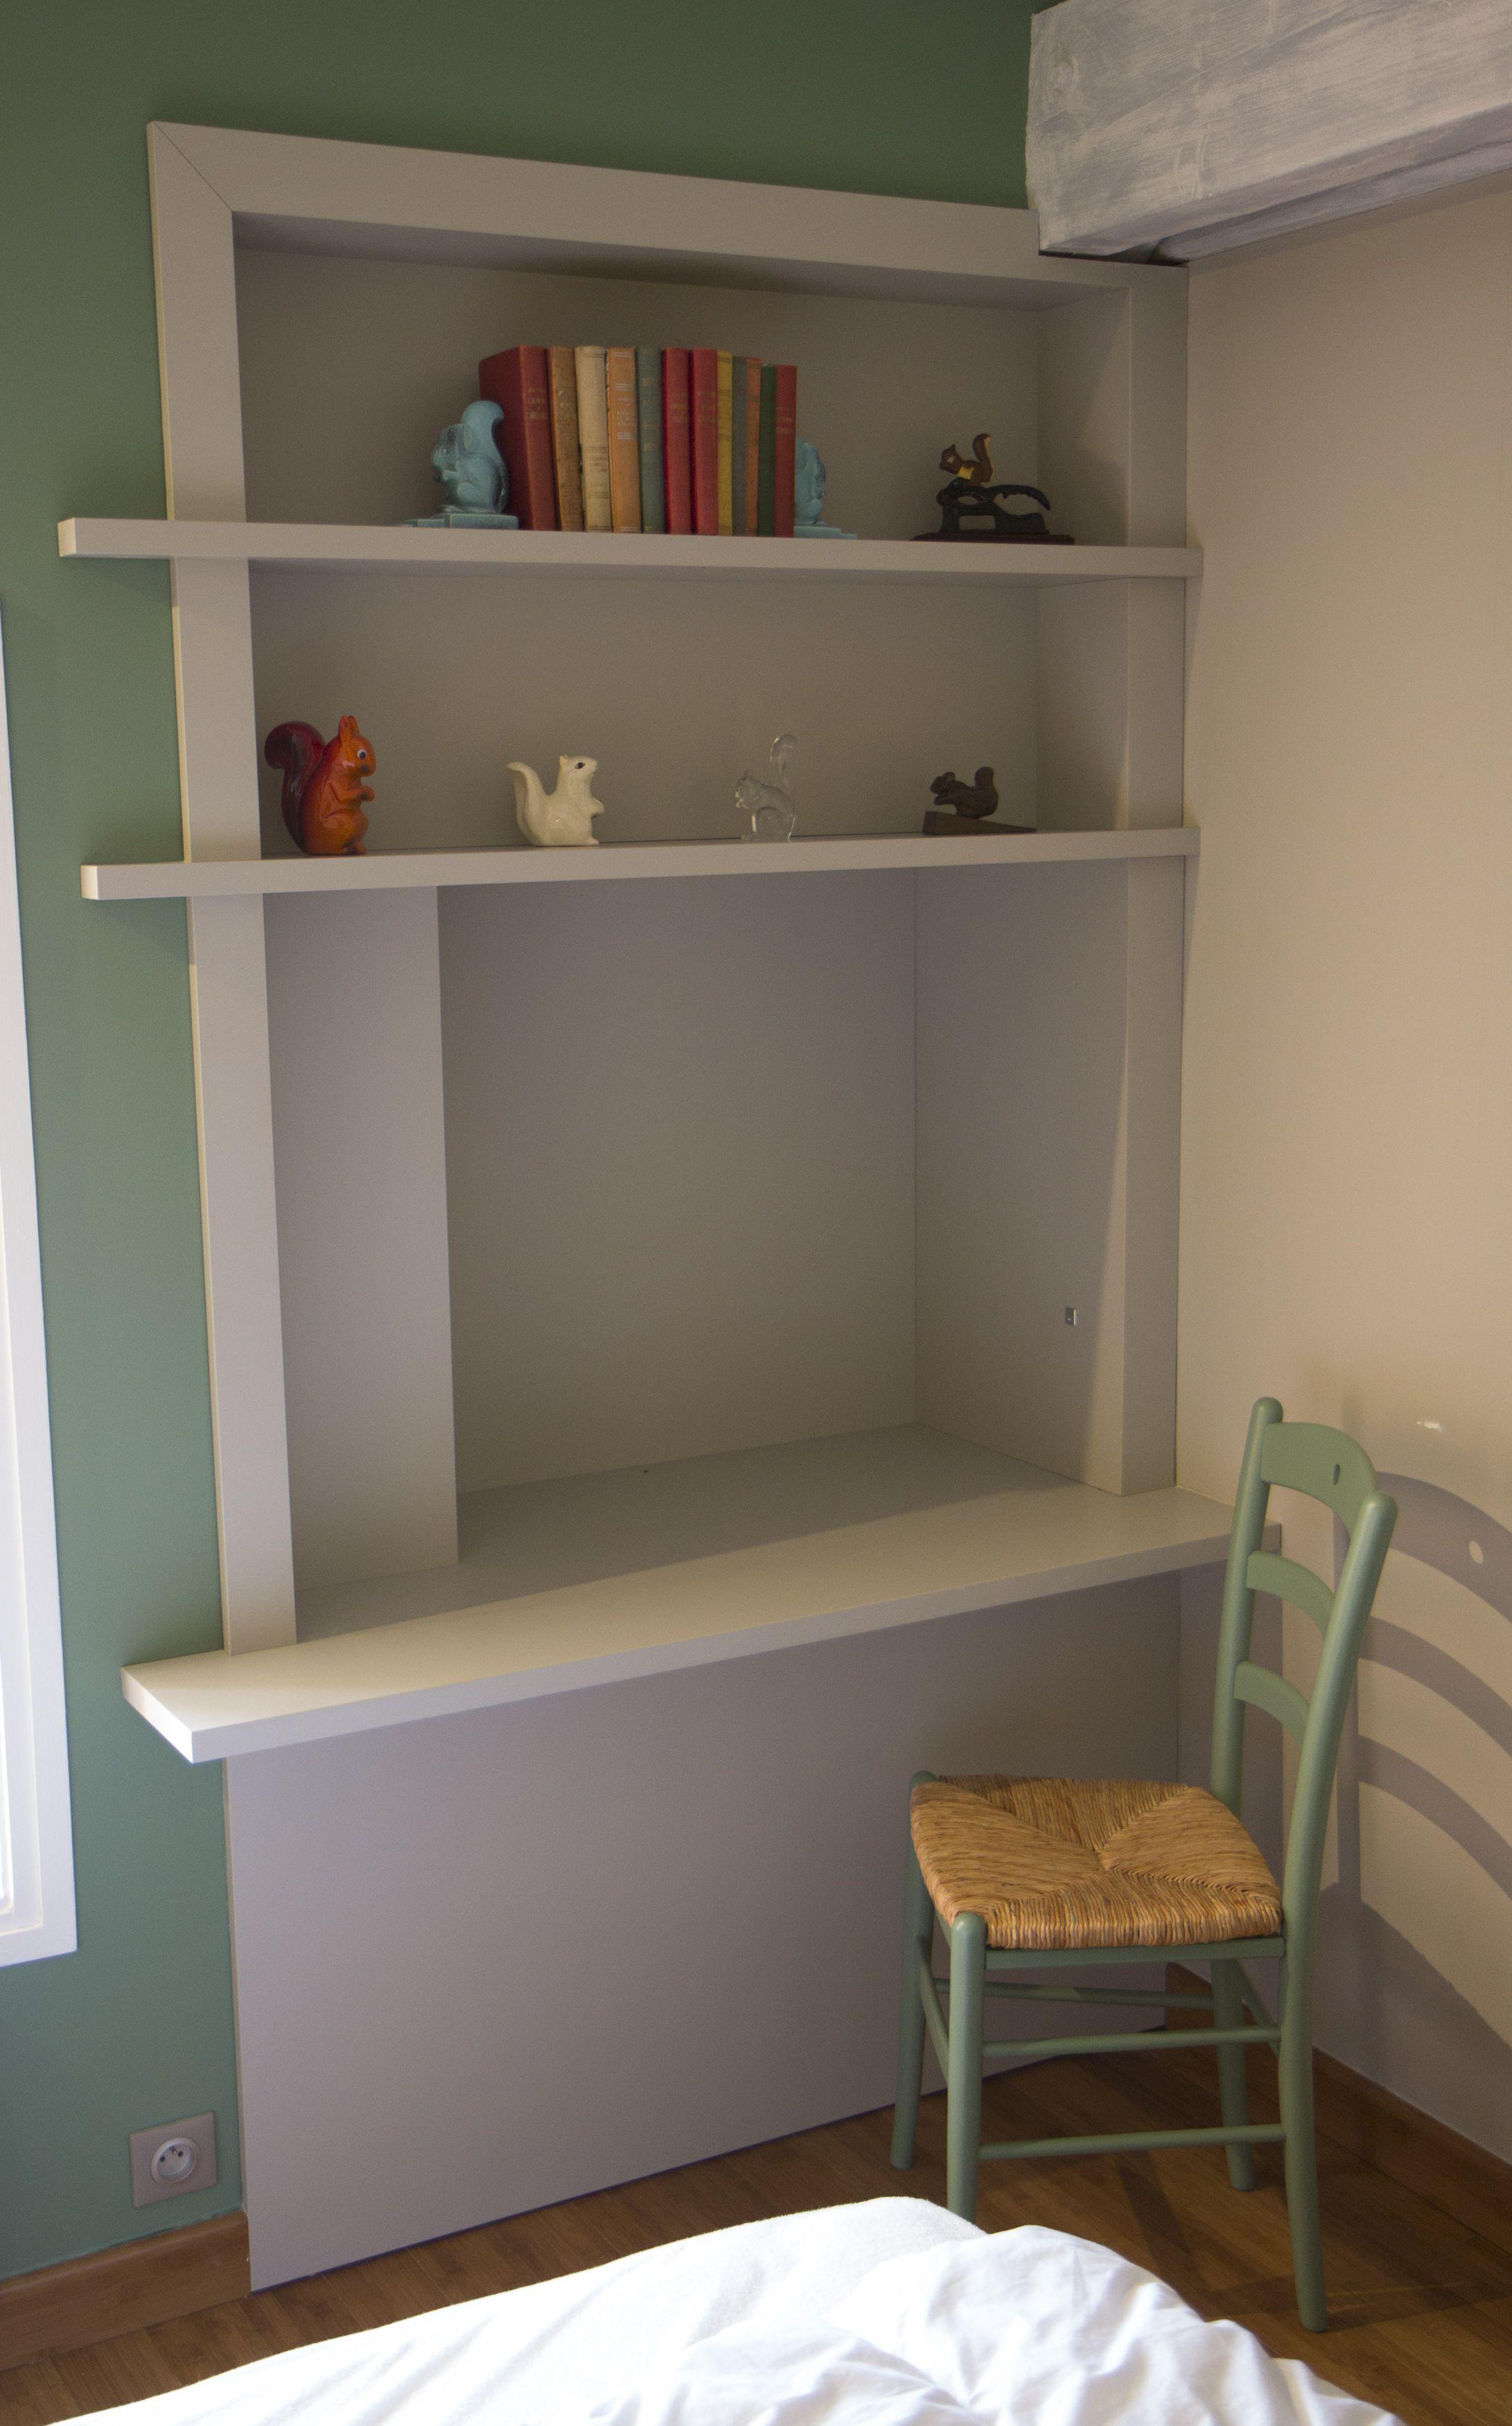 rnovation maison de campagne chambre coucher espace bureau encastr sur mesure bibliothque - Rnovation Maison De Campagne